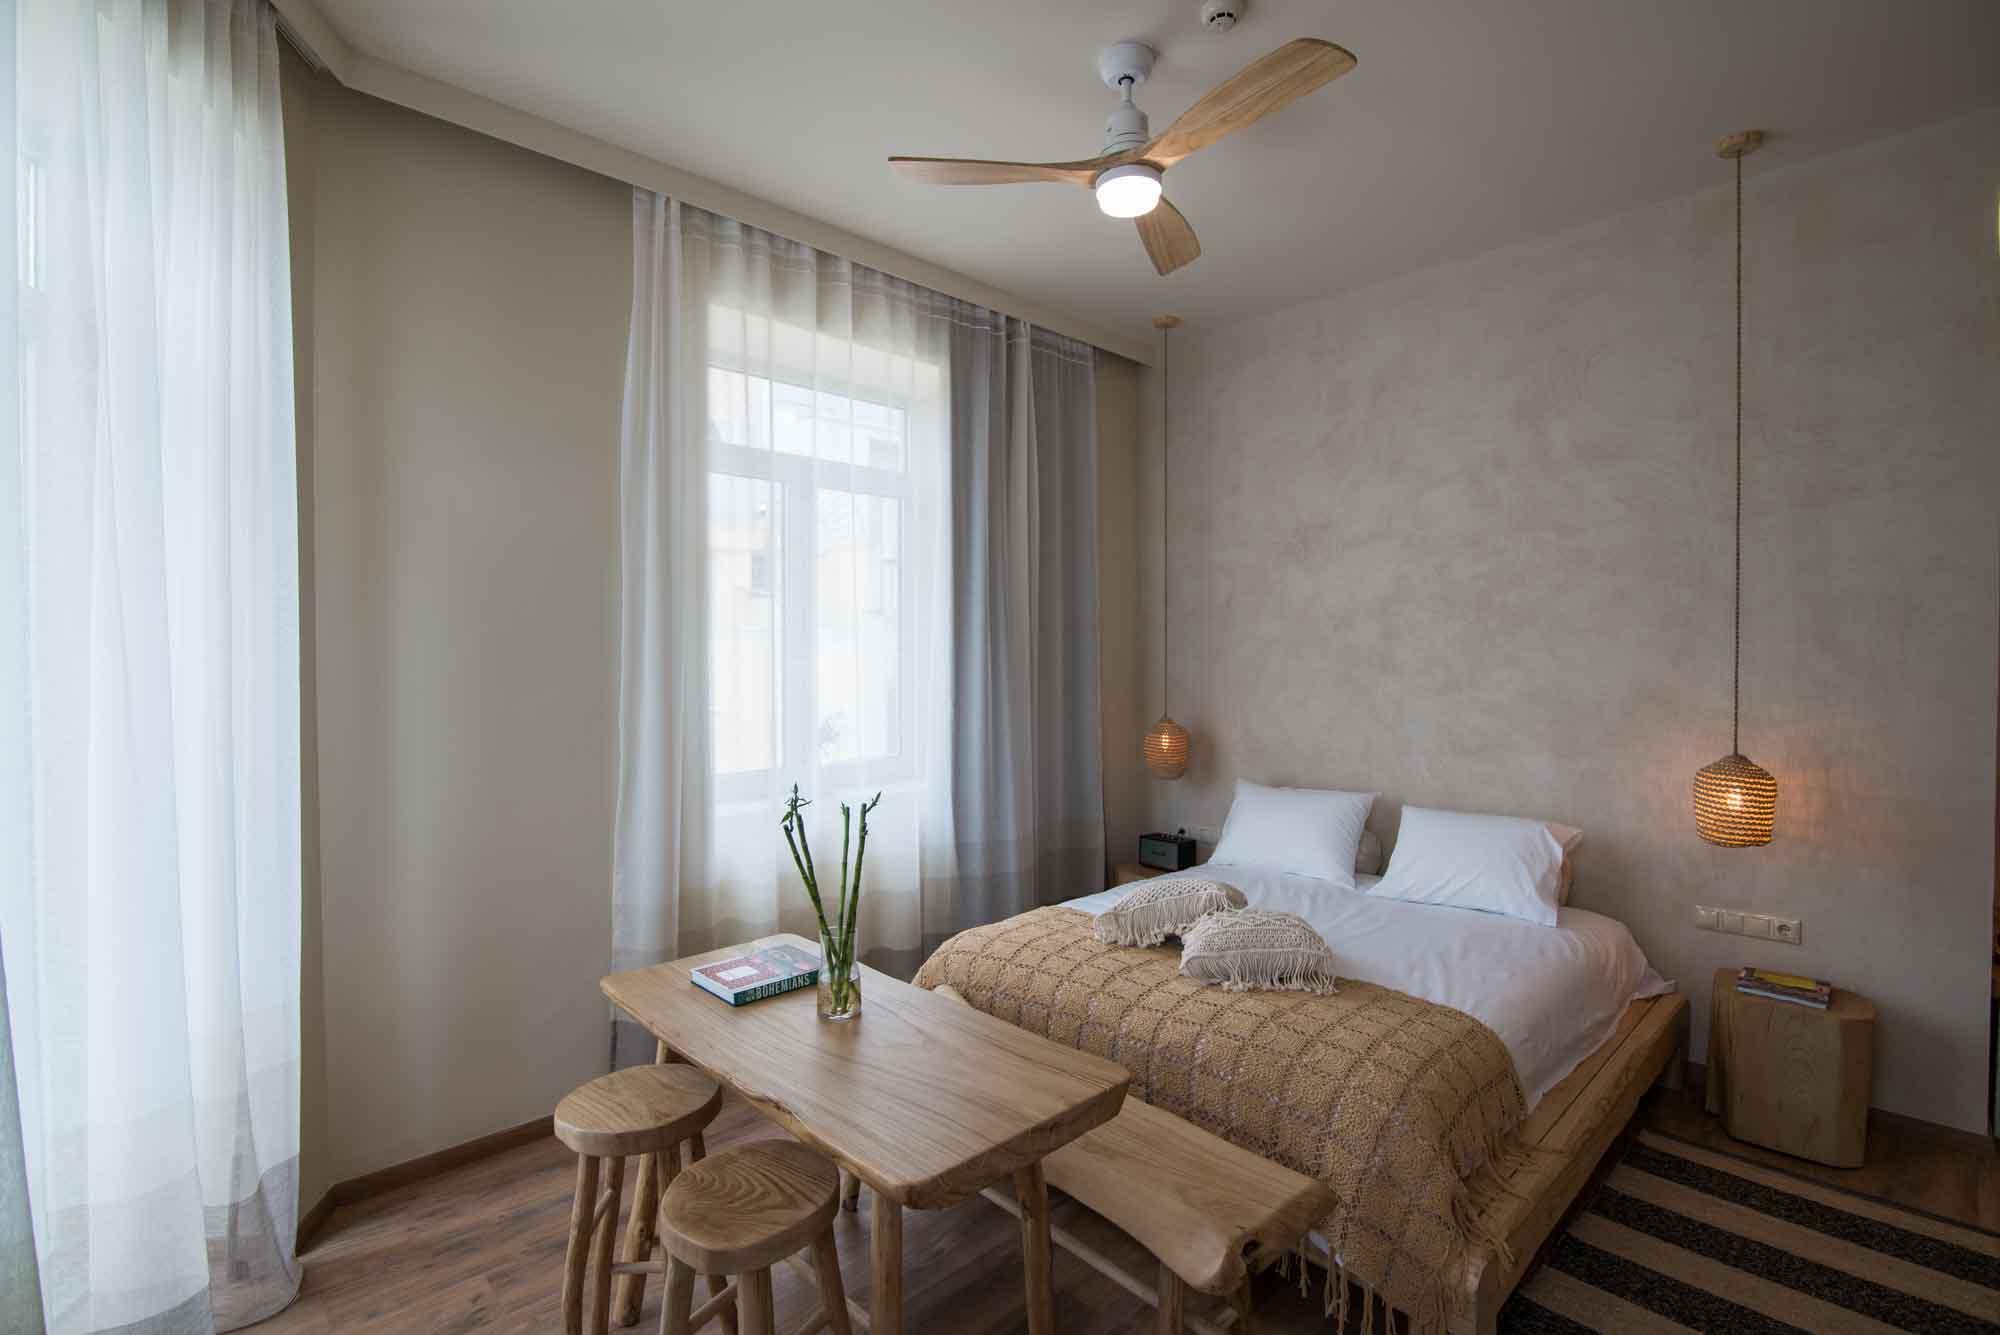 Hotel_room_Smaragda_13